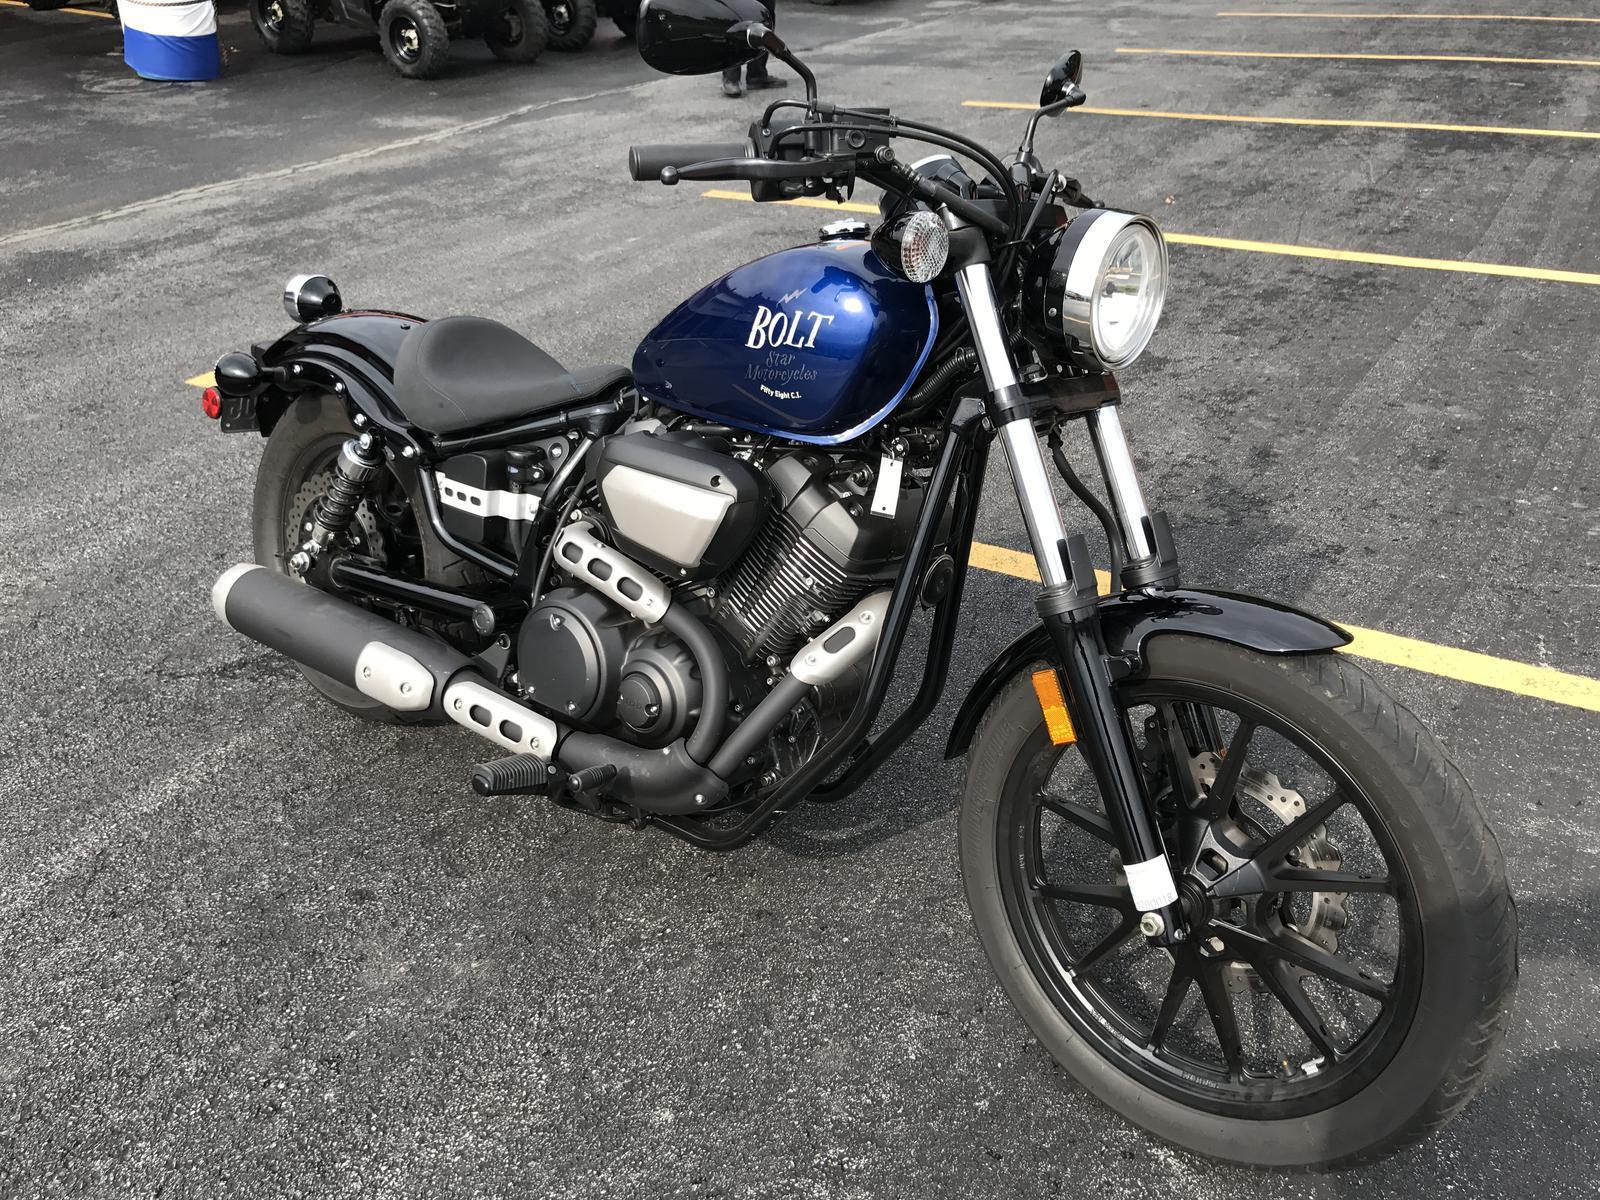 2016 Yamaha BOLT 1